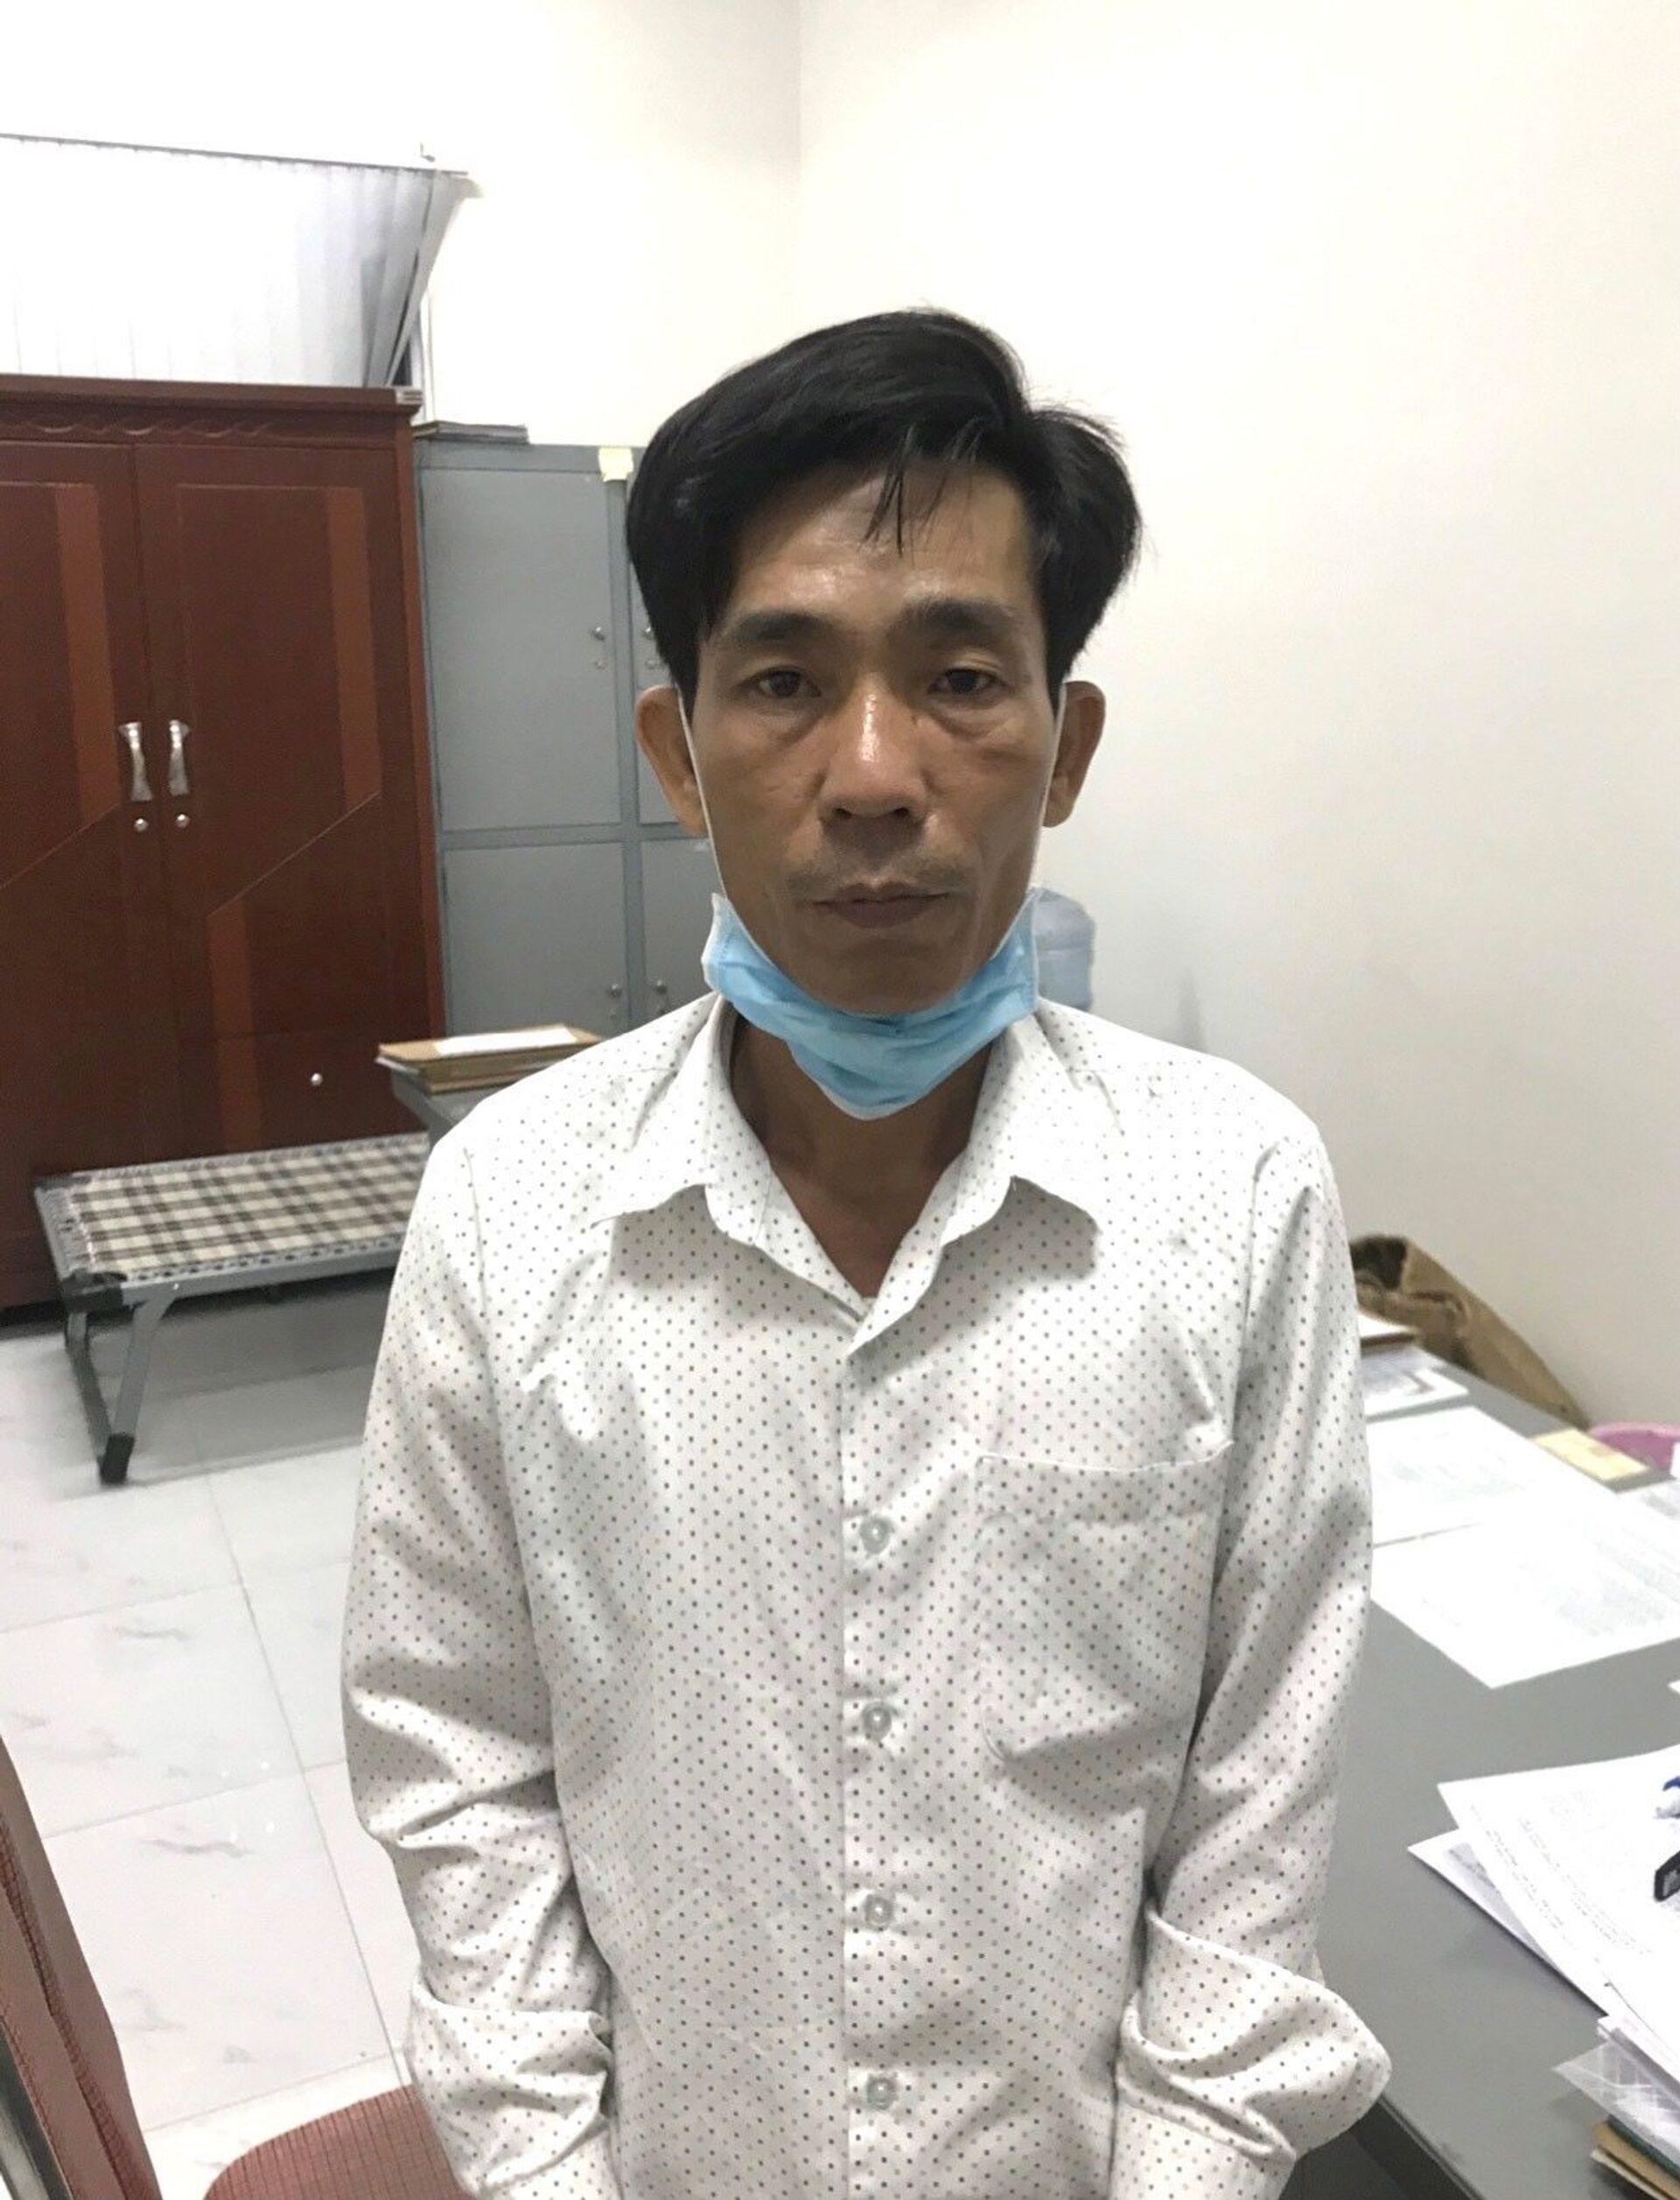 Bắt giữ đối tượng sử dụng Thẻ công vụ đặc biệt giả để gặp người Trung Quốc - Sputnik Việt Nam, 1920, 24.05.2021